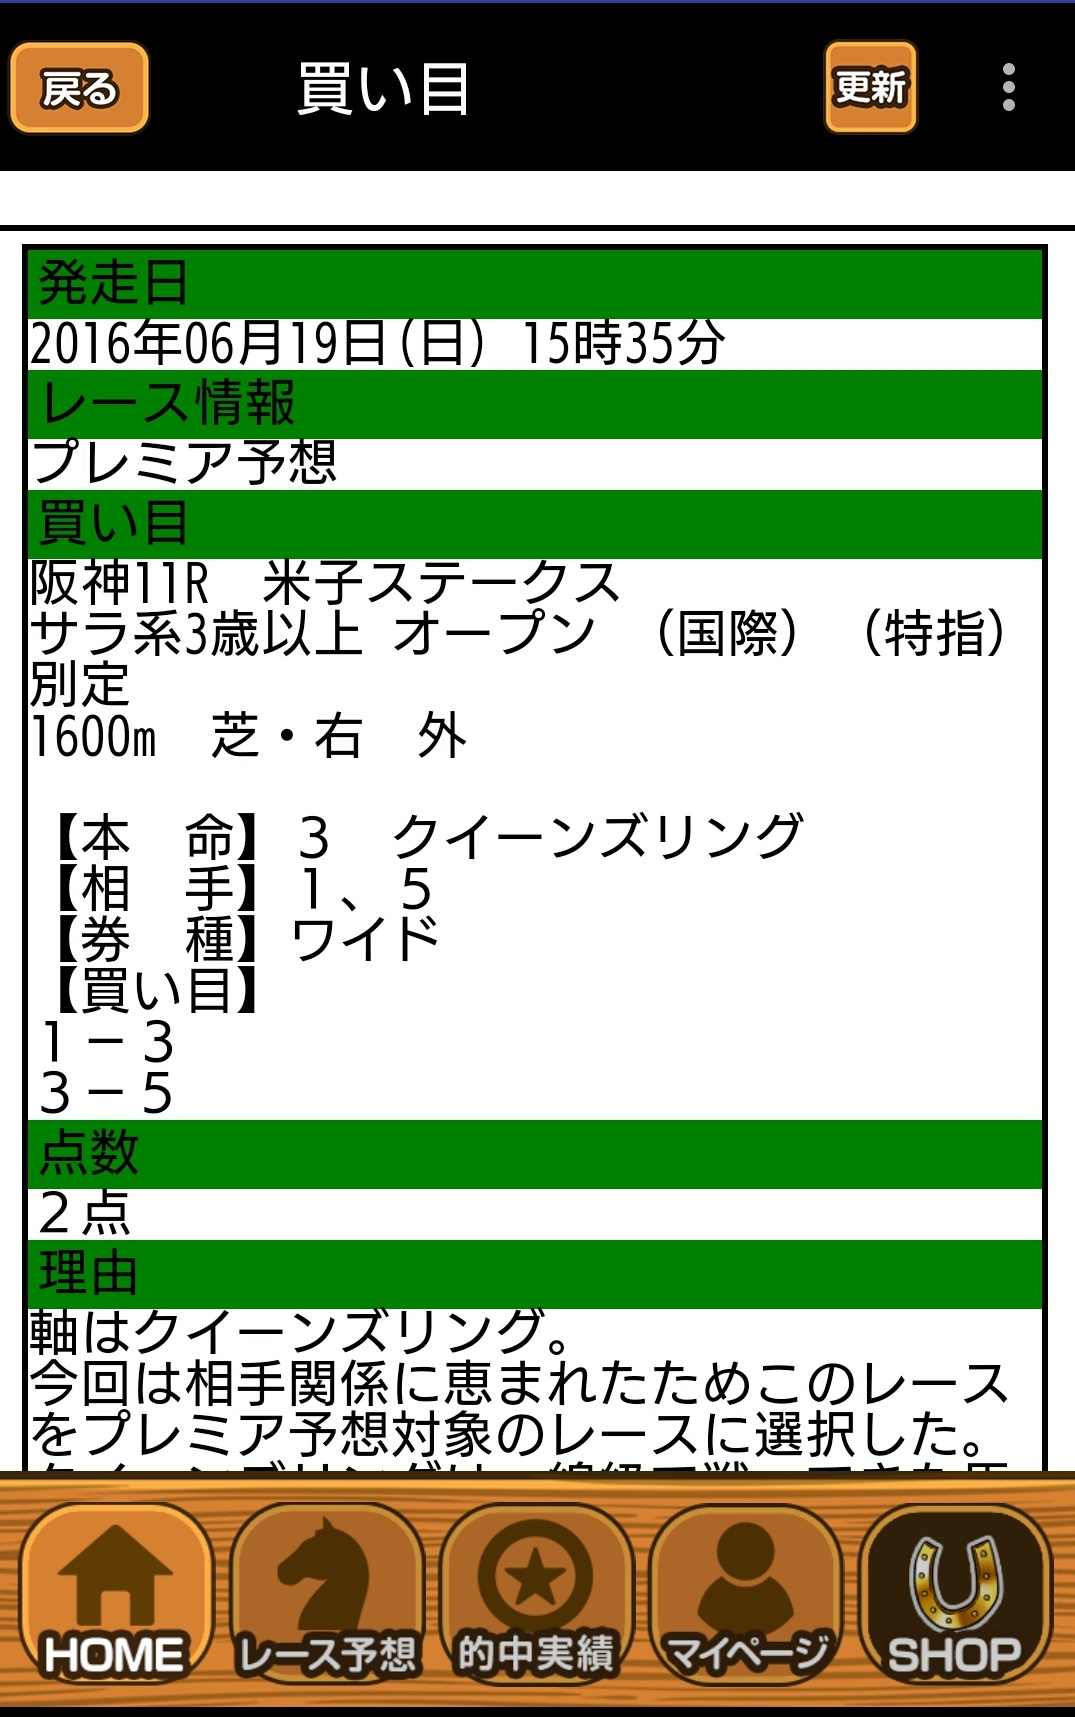 阪神11R プレミア予想